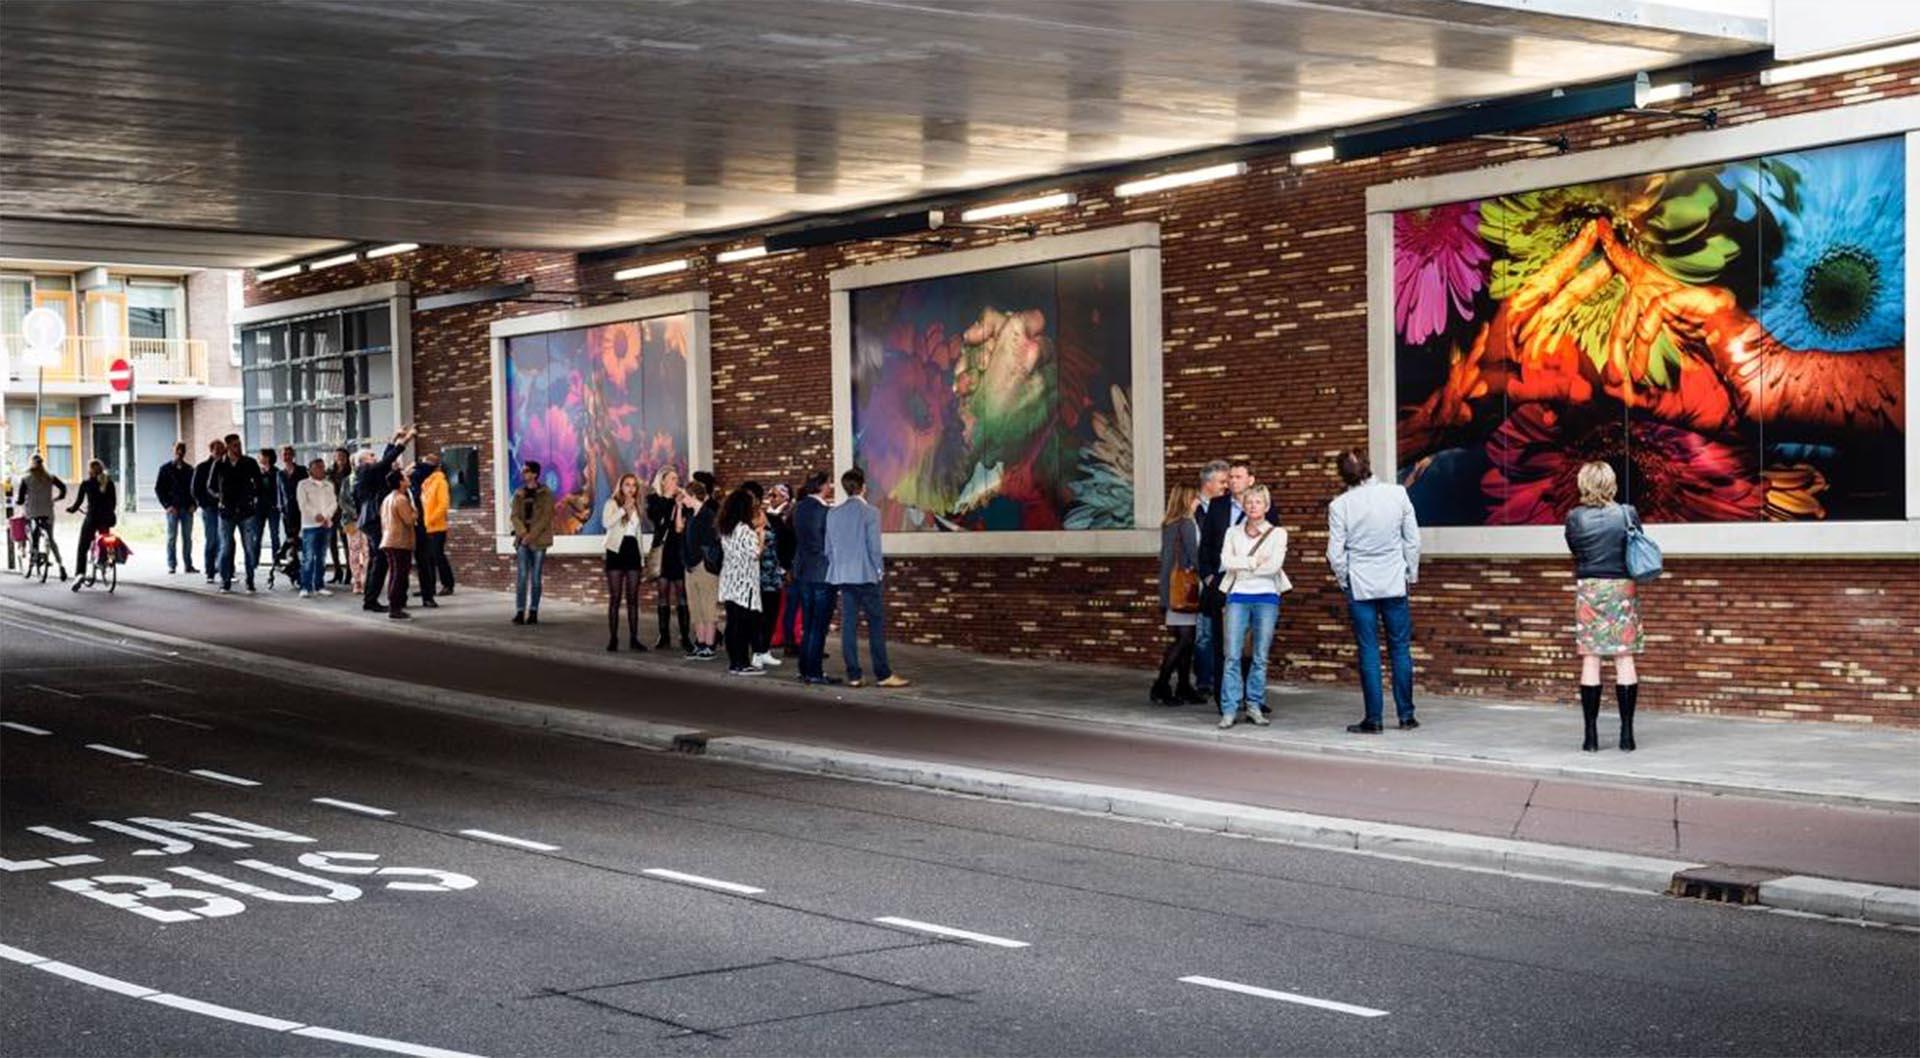 Utrecht i.s.m. kunstenaar Frans Hofmeester